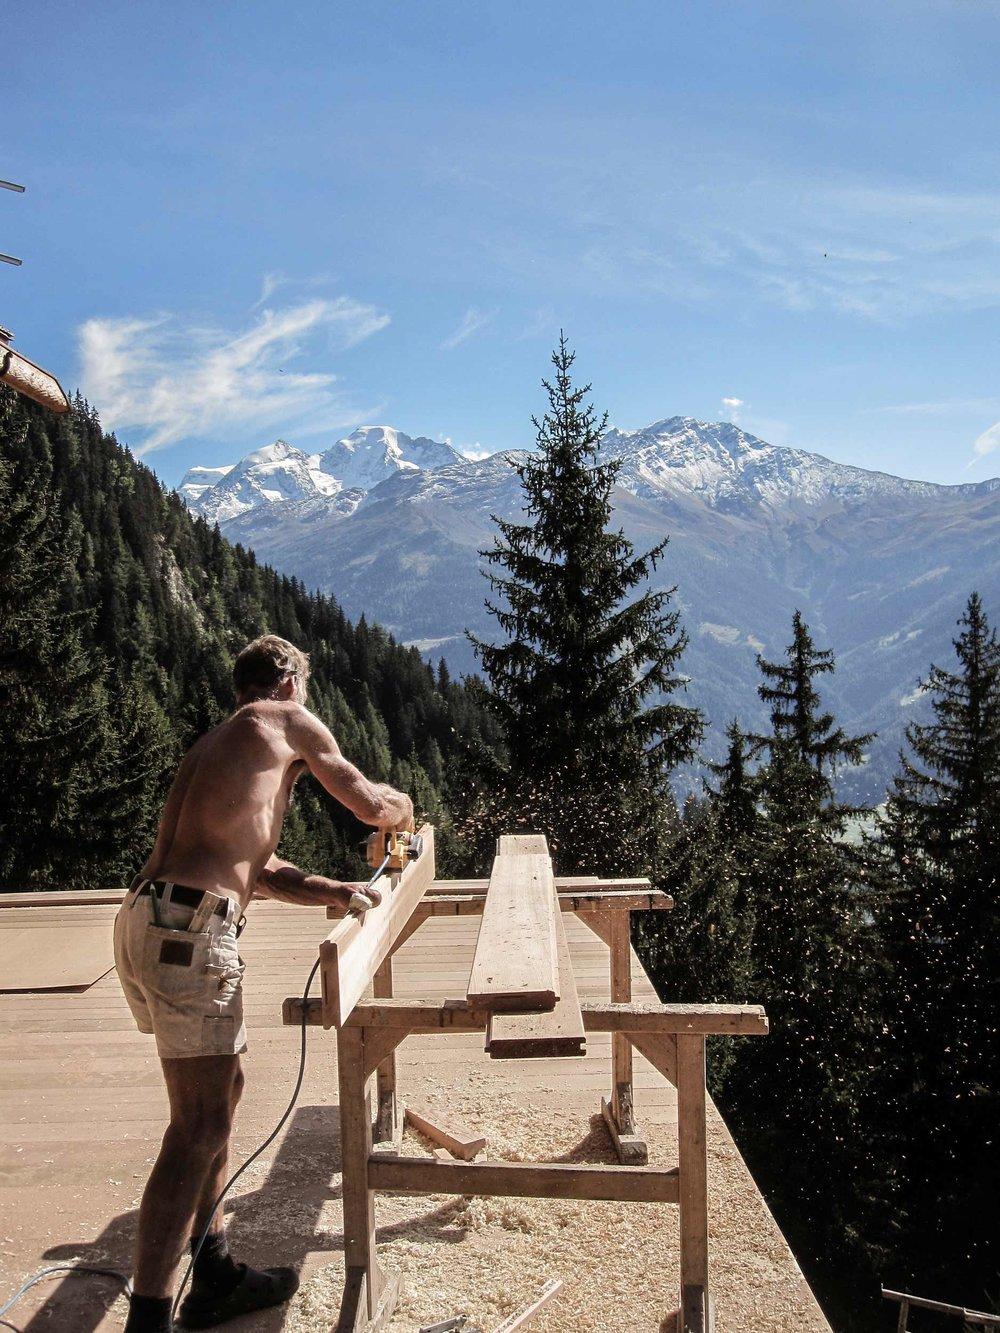 zimmerei-stoib-holzbau-holzhaus-chalet-schweiz-verbier-altholz-naturstein-glas-berge-traditionell-terrasse-19.jpg